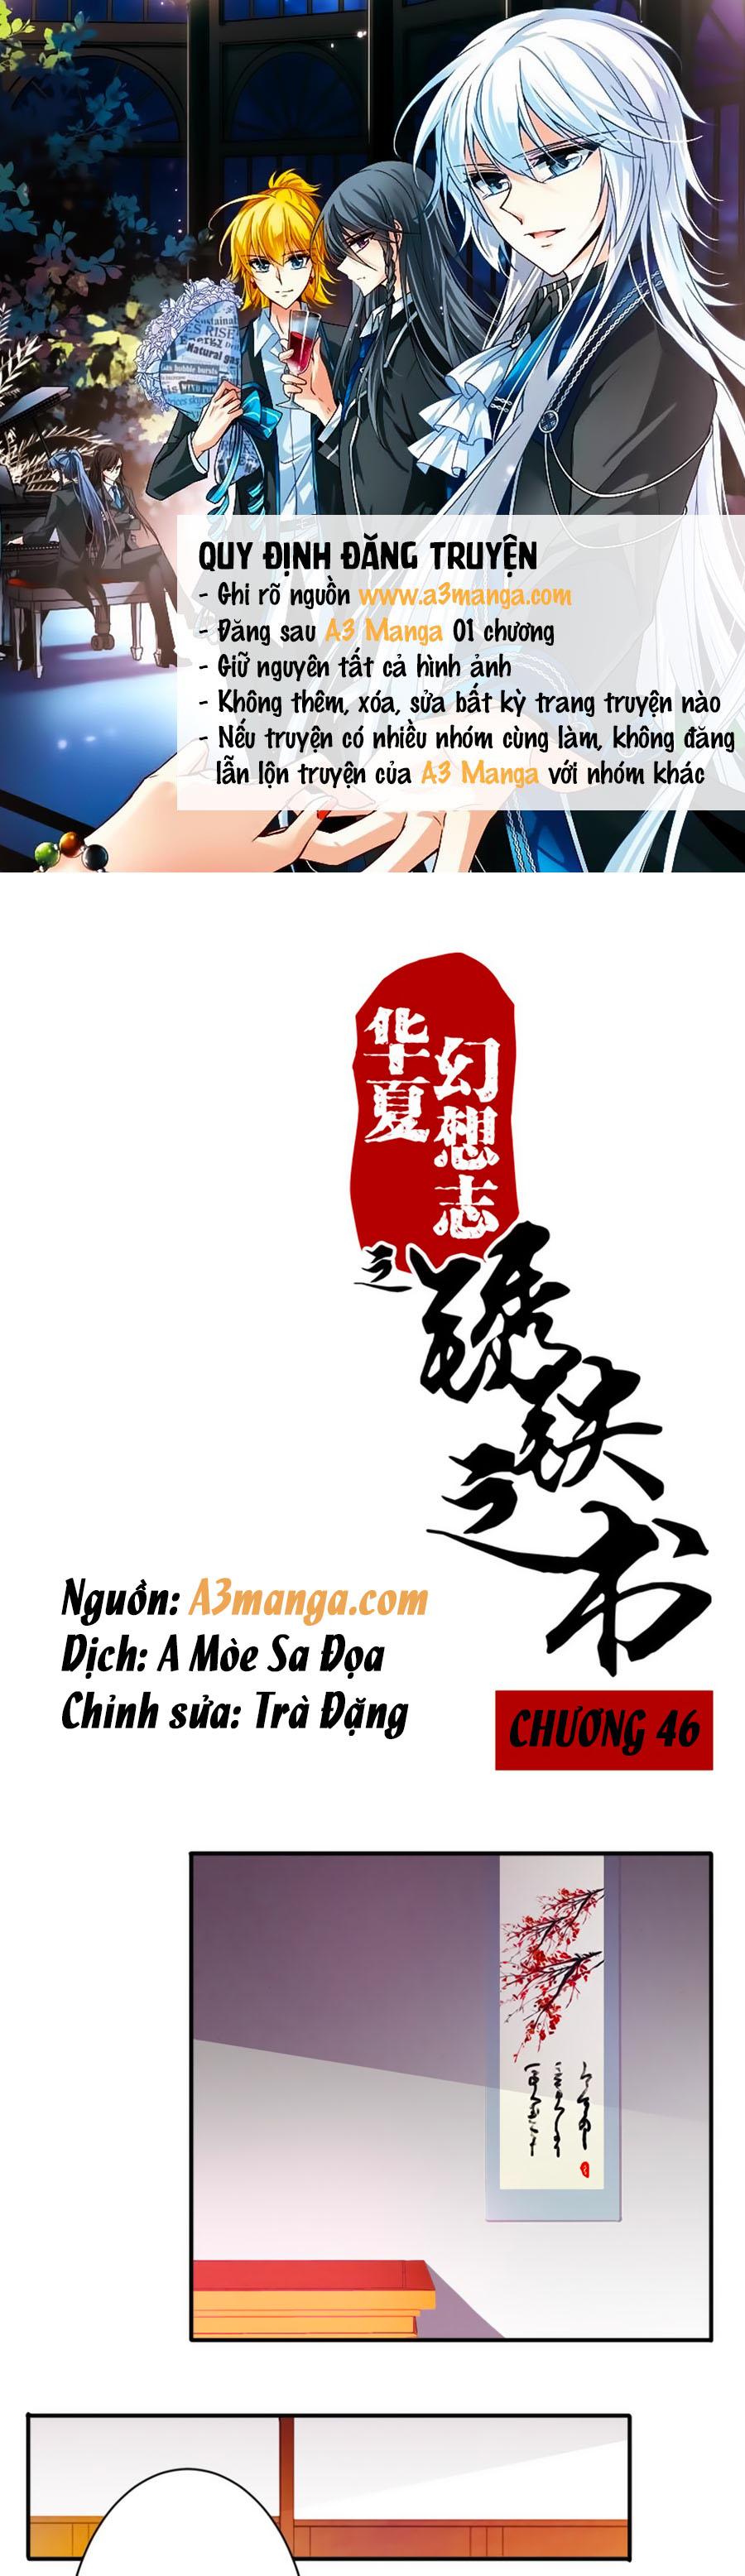 Tú Thiết Chi Thư Chap 46 - Next Chap 47